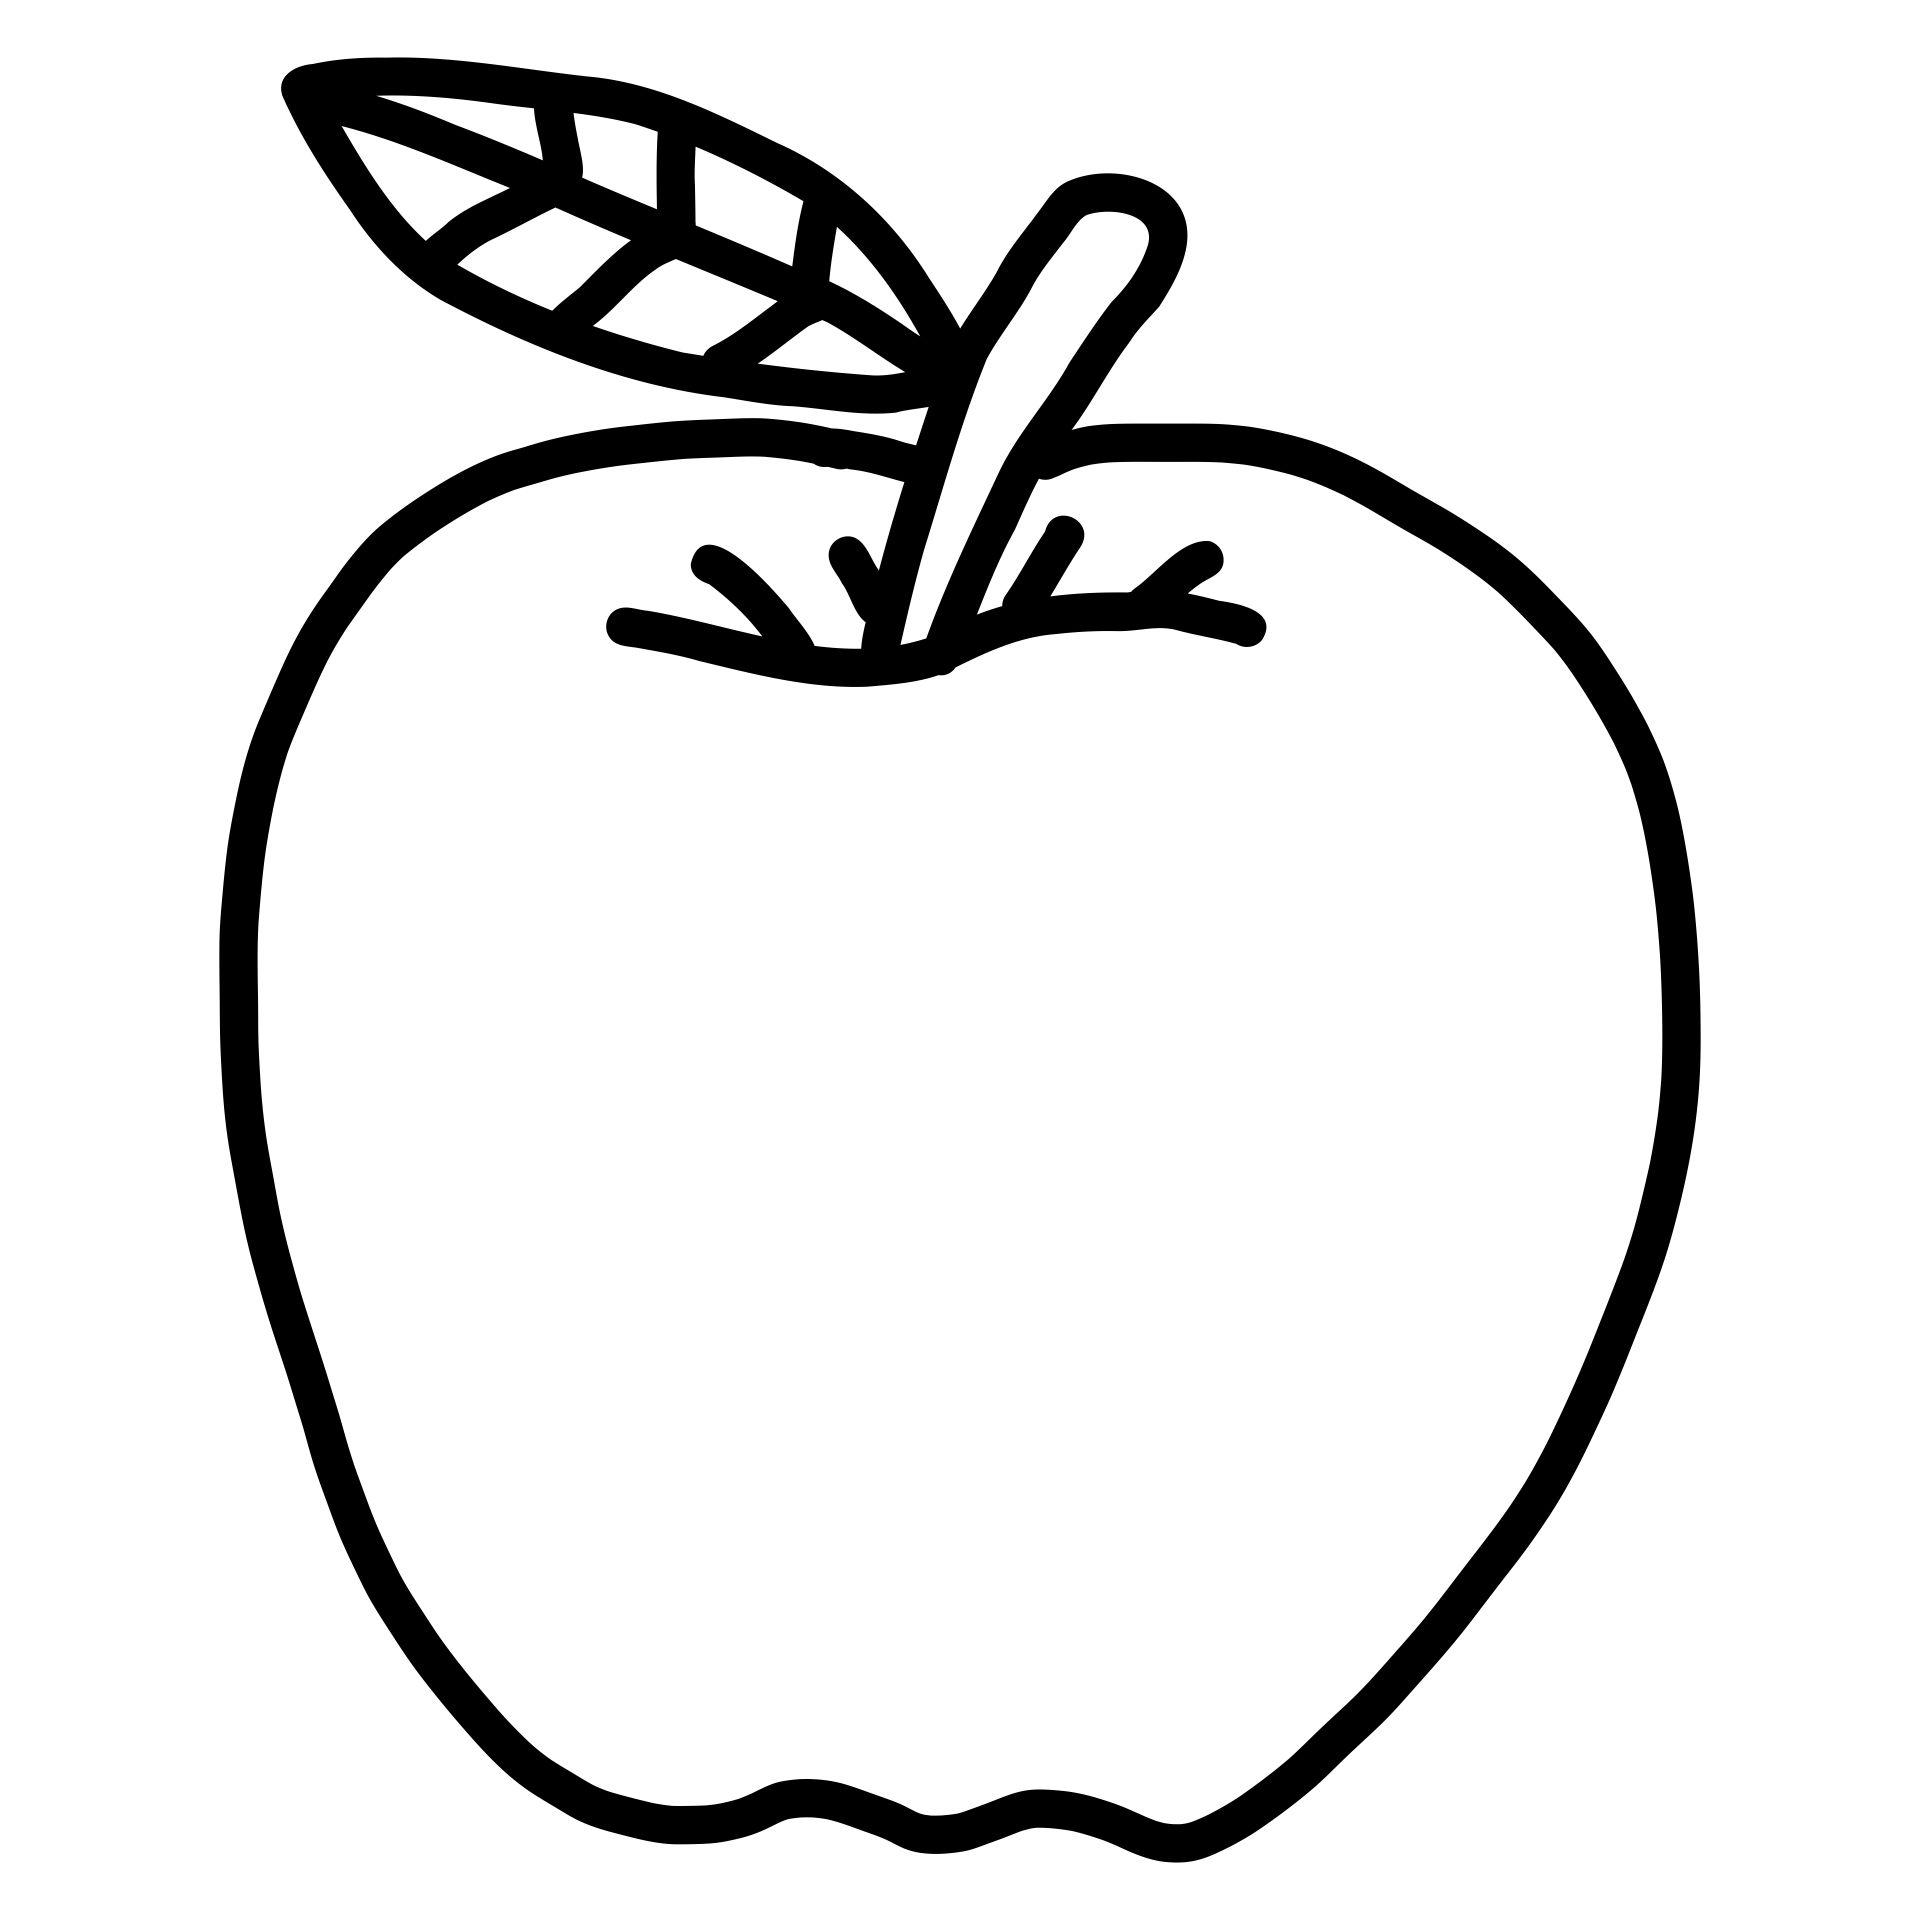 7 Best Images of Printable Apple Template Preschool - Free ...